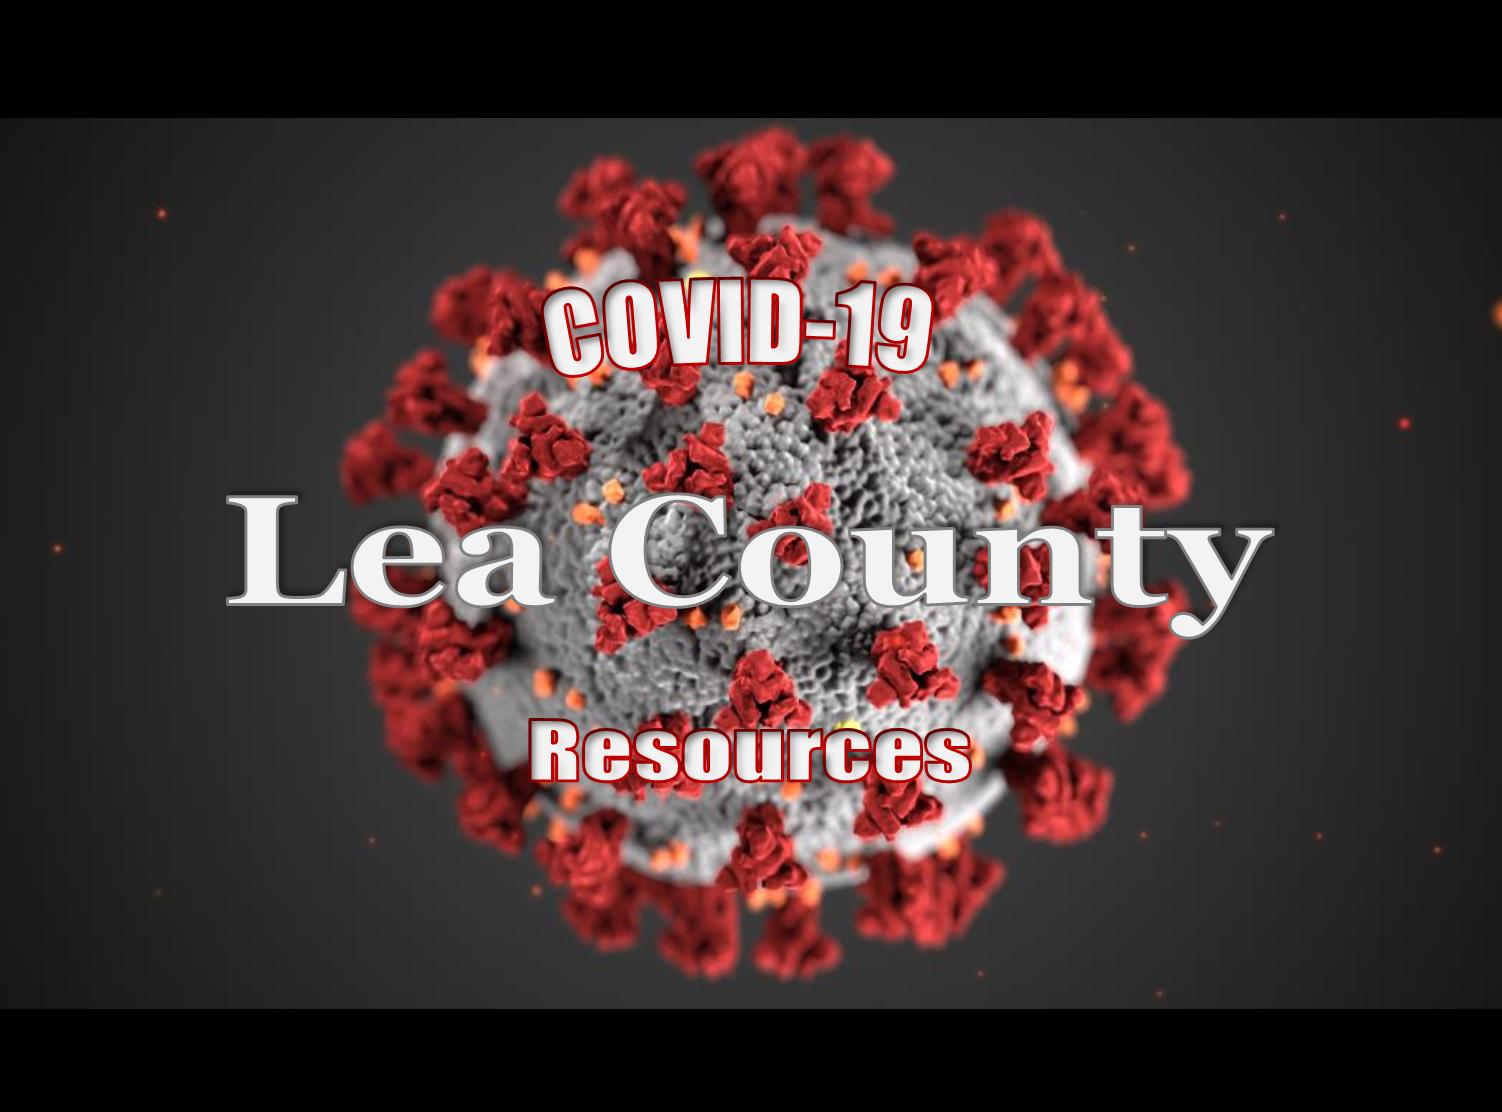 Lea County COVID-19 Resources